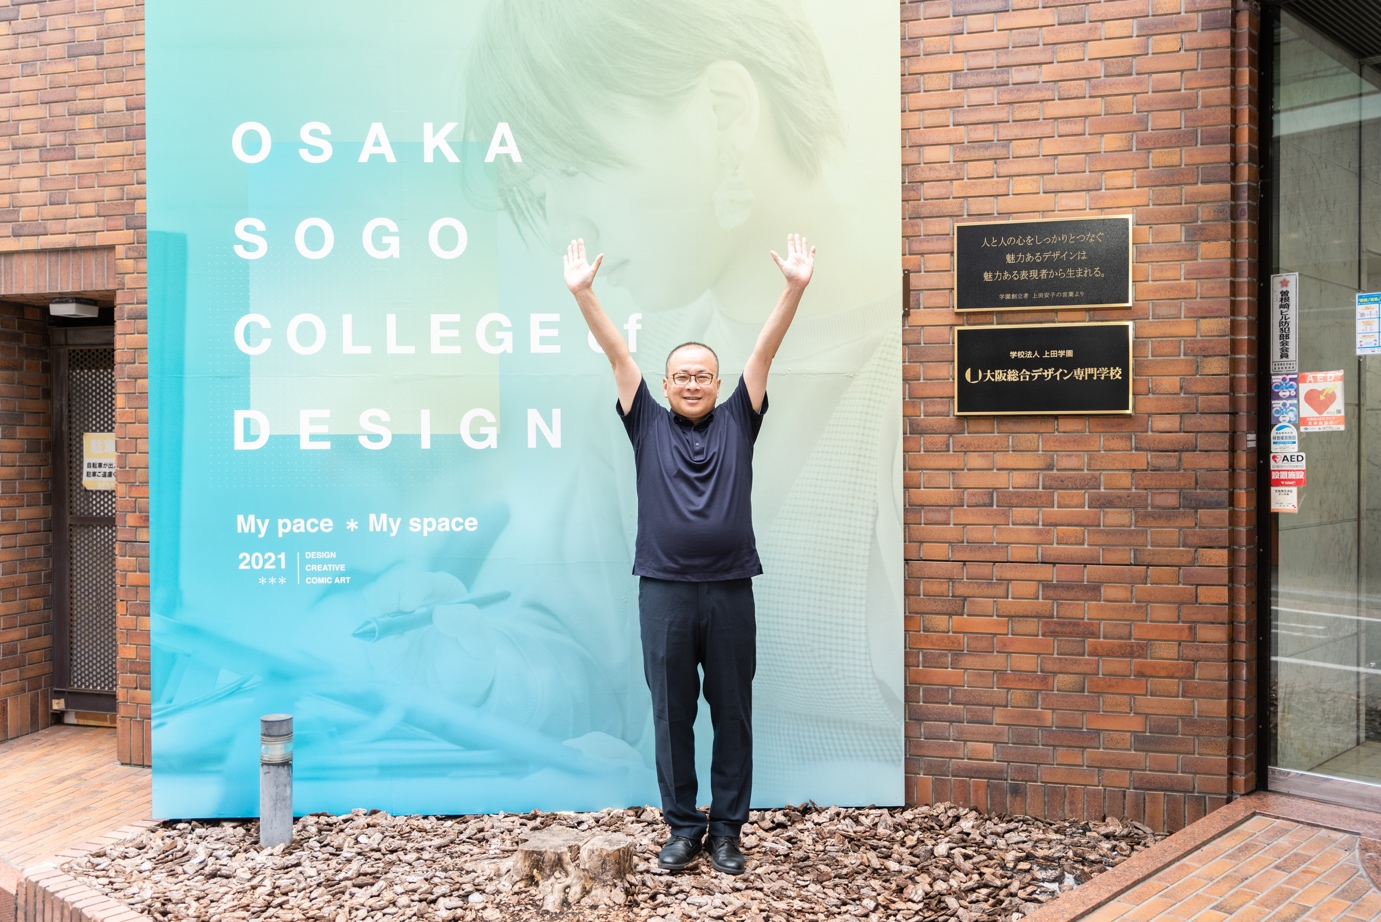 生徒との繋がりやコミュニケーションをmeet inで実現。大阪総合デザイン専門学校の導入事例